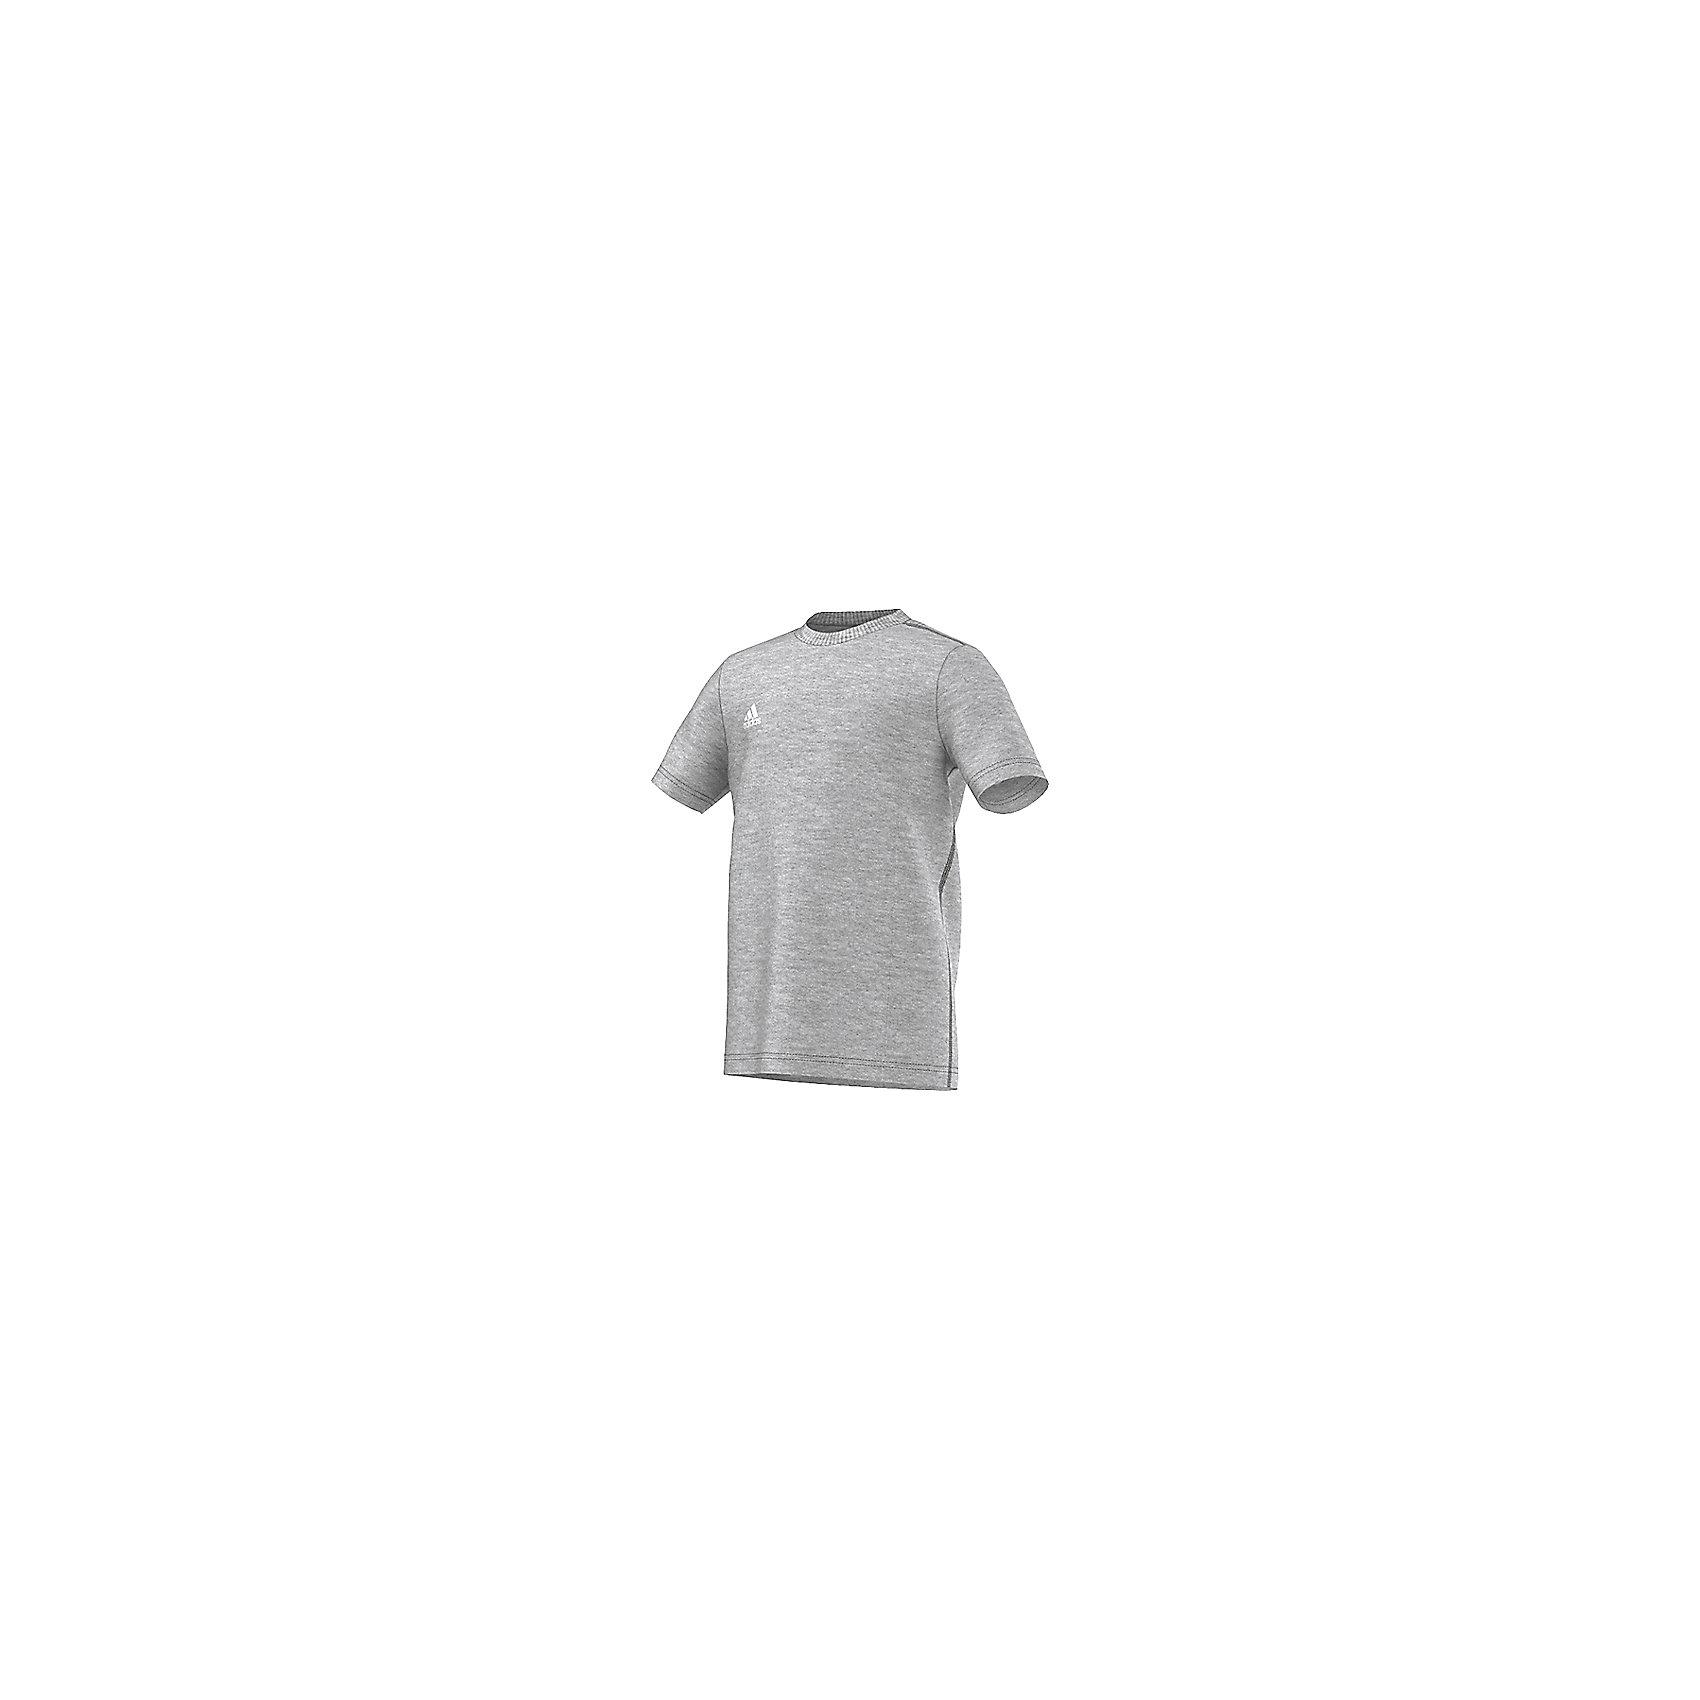 Футболка adidasСпортивная одежда<br>Футболка Аdidas (Адидас).<br><br>Характеристики:<br><br>• Цвет: серый меланж.<br>• Состав: 70% хлопок, 30% полиэстер.<br>• Ткань ClimaLite выводит влагу с кожи, позволяя себя чувствовать комфортно на протяжении всей тренировки.<br>• Материал: трикотаж.<br><br>Футболка от известного бренда Adidas станет удачным дополнением к гардеробу вашего мальчика. Футболка имеет прямой крой и короткие рукава. Горловина обработана кантом. Модель изготовлена из тонкого прочного хлопкового трикотажного полотна Для увеличения эластичности кулирной глади в хлопок добавлена лайкра, которая оберегает изделие от образования складок. Ткань приятна на ощупь, не раздражает нежную кожу, отлично пропускает воздух, идеально подходит для занятий спортом. В такой футболке  ваш ребенок будет чувствовать себя удобно и комфортно на занятиях спортом и в повседневной жизни.<br>Пусть ваши дети занимаются спортом с комфортом!<br><br>Футболку  Adidas (Адидас), можно купить в нашем интернет – магазине.<br><br>Ширина мм: 199<br>Глубина мм: 10<br>Высота мм: 161<br>Вес г: 151<br>Цвет: белый<br>Возраст от месяцев: 84<br>Возраст до месяцев: 96<br>Пол: Унисекс<br>Возраст: Детский<br>Размер: 128,164,140,152<br>SKU: 5003627